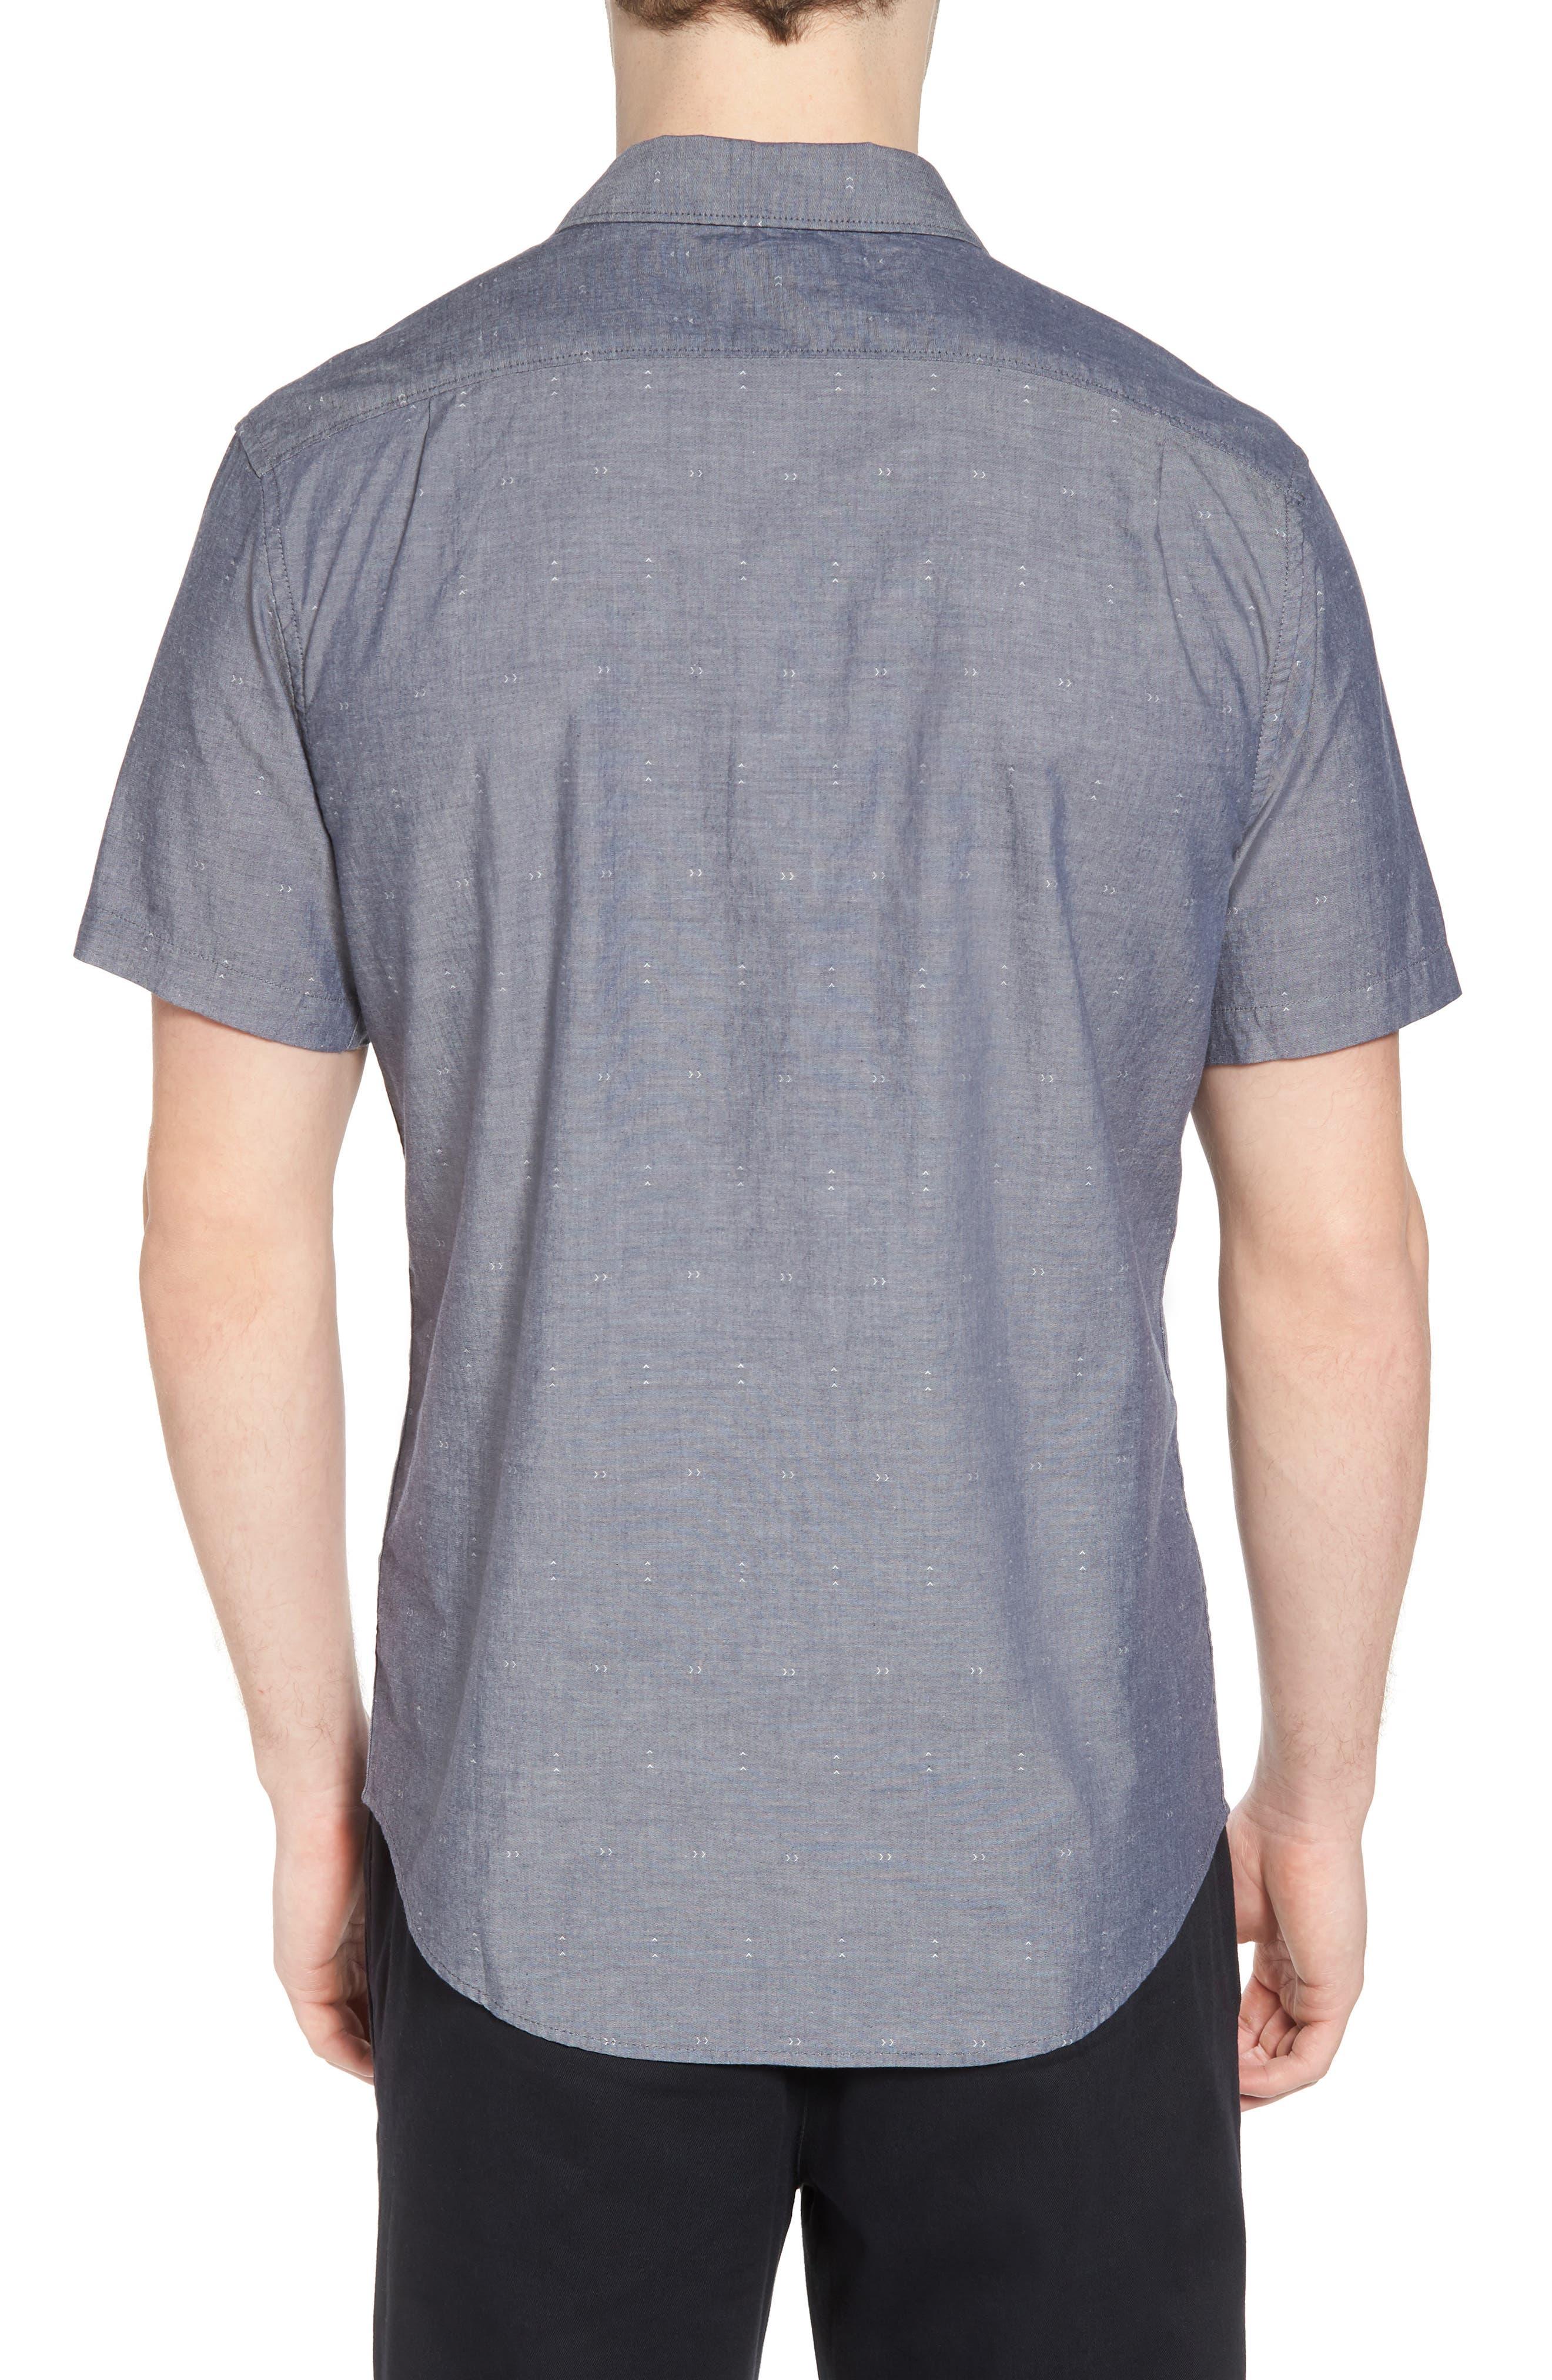 Arrows Woven Shirt,                             Alternate thumbnail 2, color,                             Classic Indigo